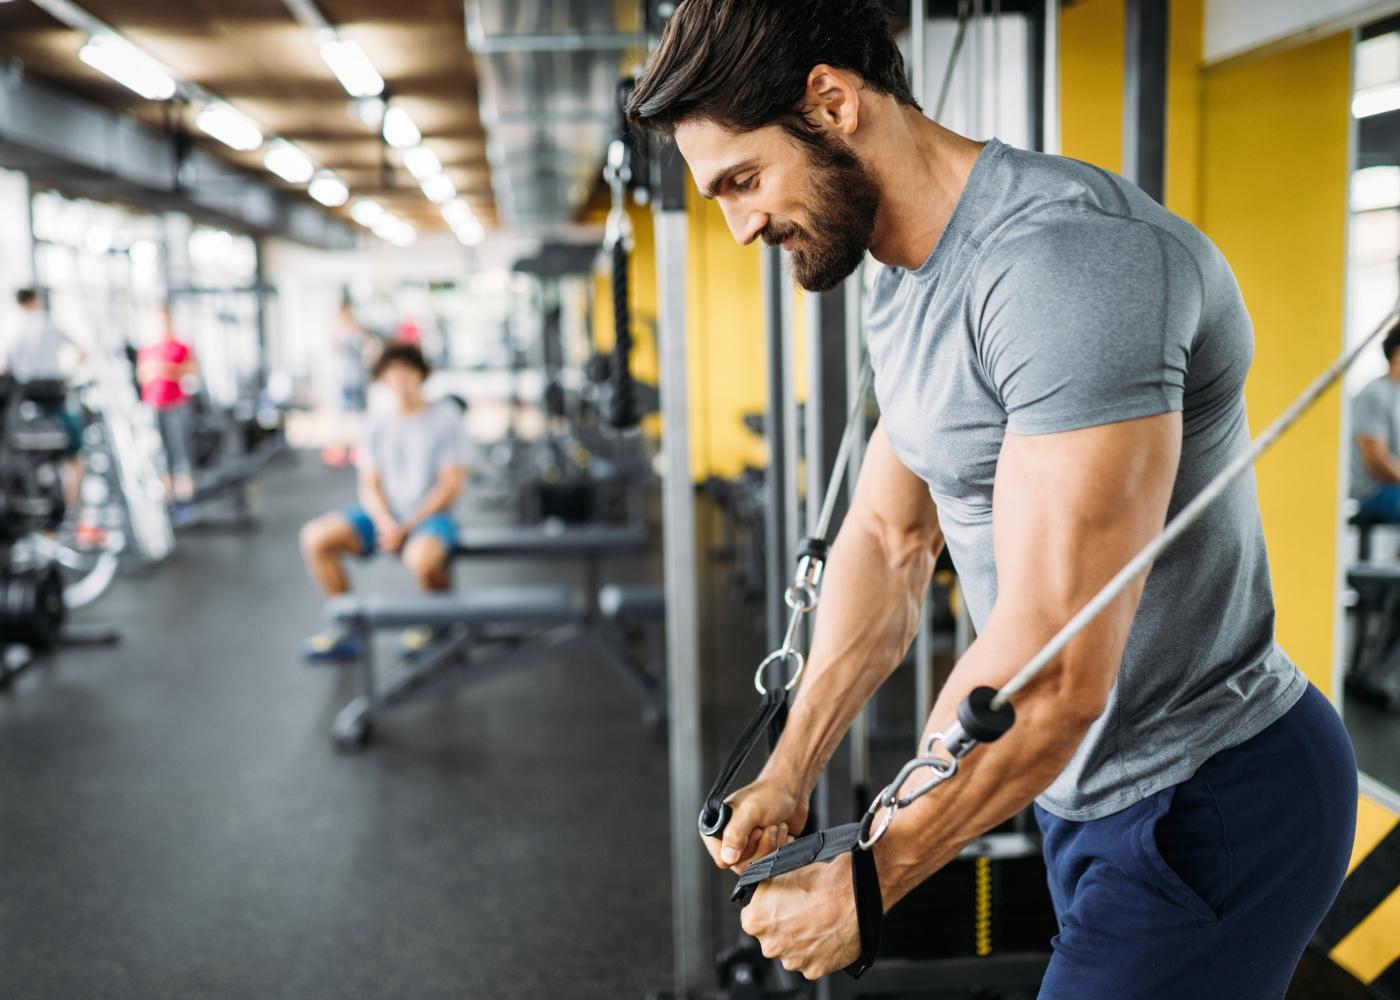 Homem a fazer aula de musculação no ginásio